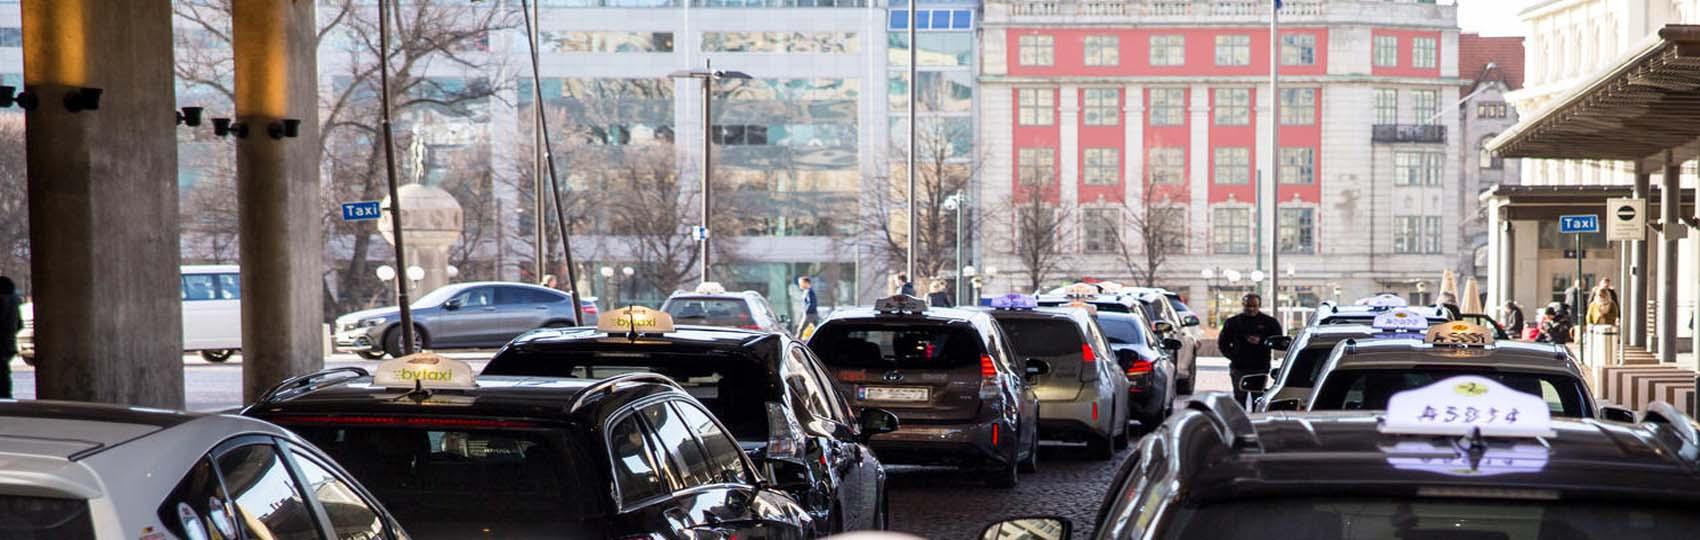 Noticias del sector del taxi y la movilidad en Noruega. Mantente informado de todas las noticias del taxi de Noruega en el grupo de Facebook de Todo Taxi.